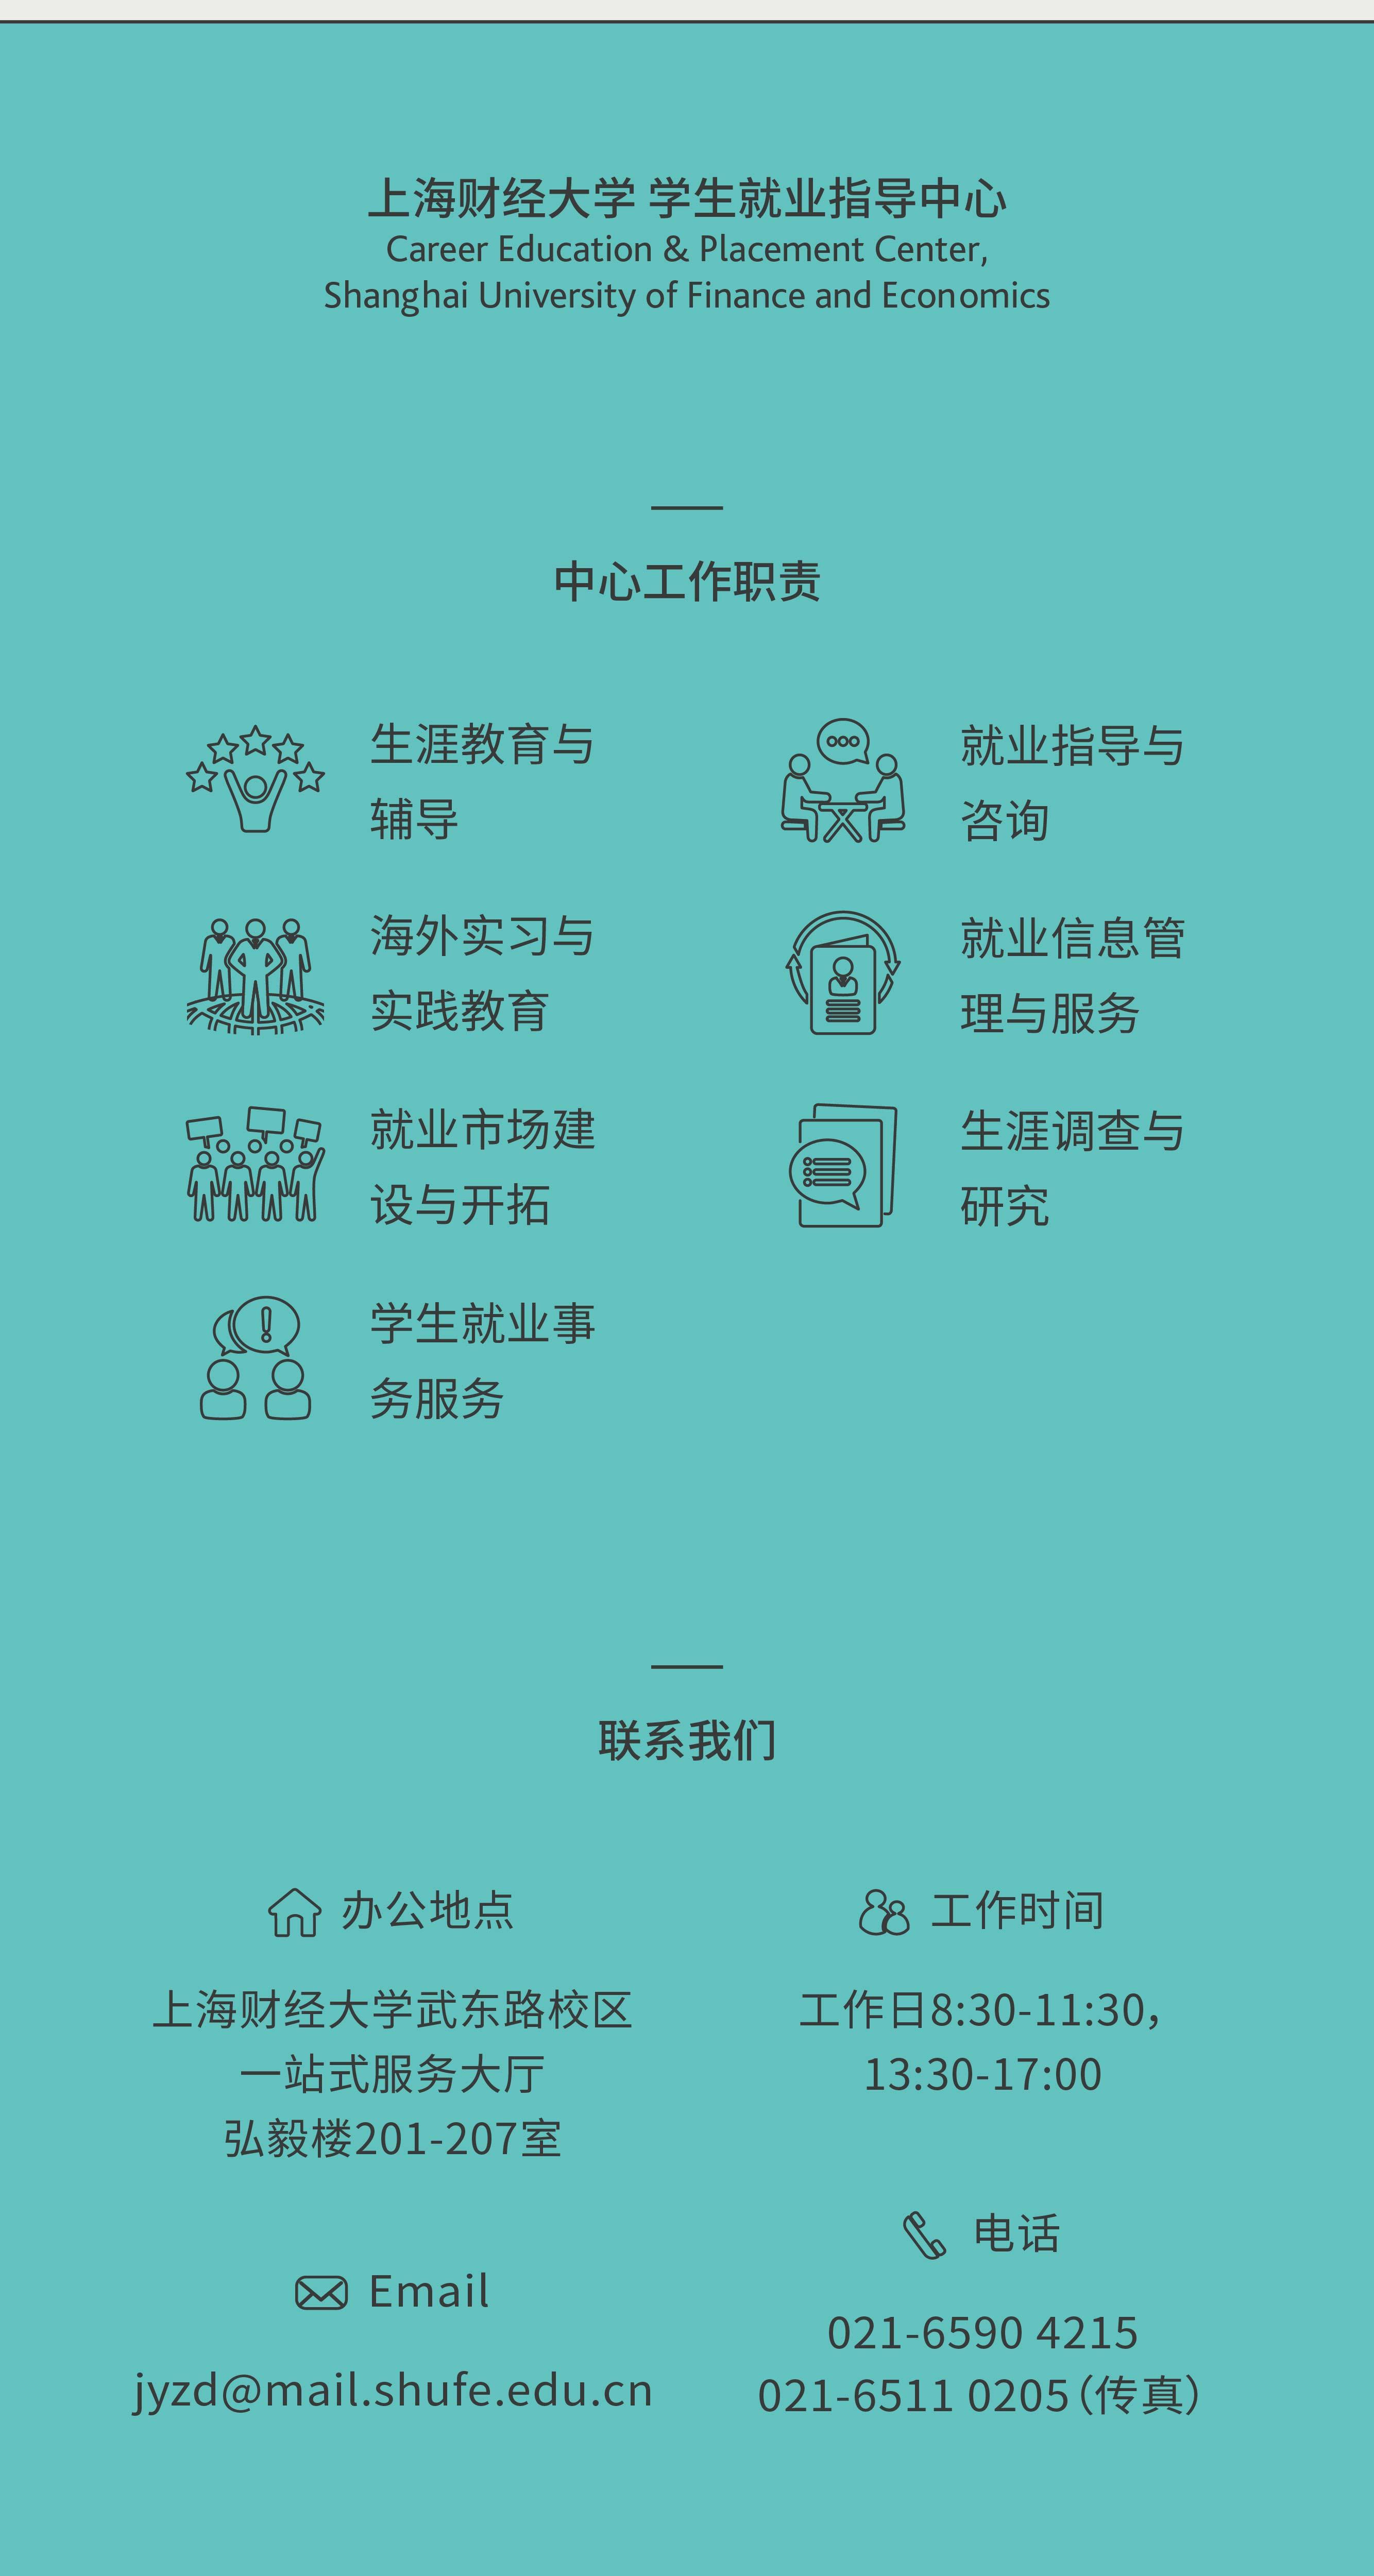 2022毕业生生源及招聘服务wechat-04.jpg